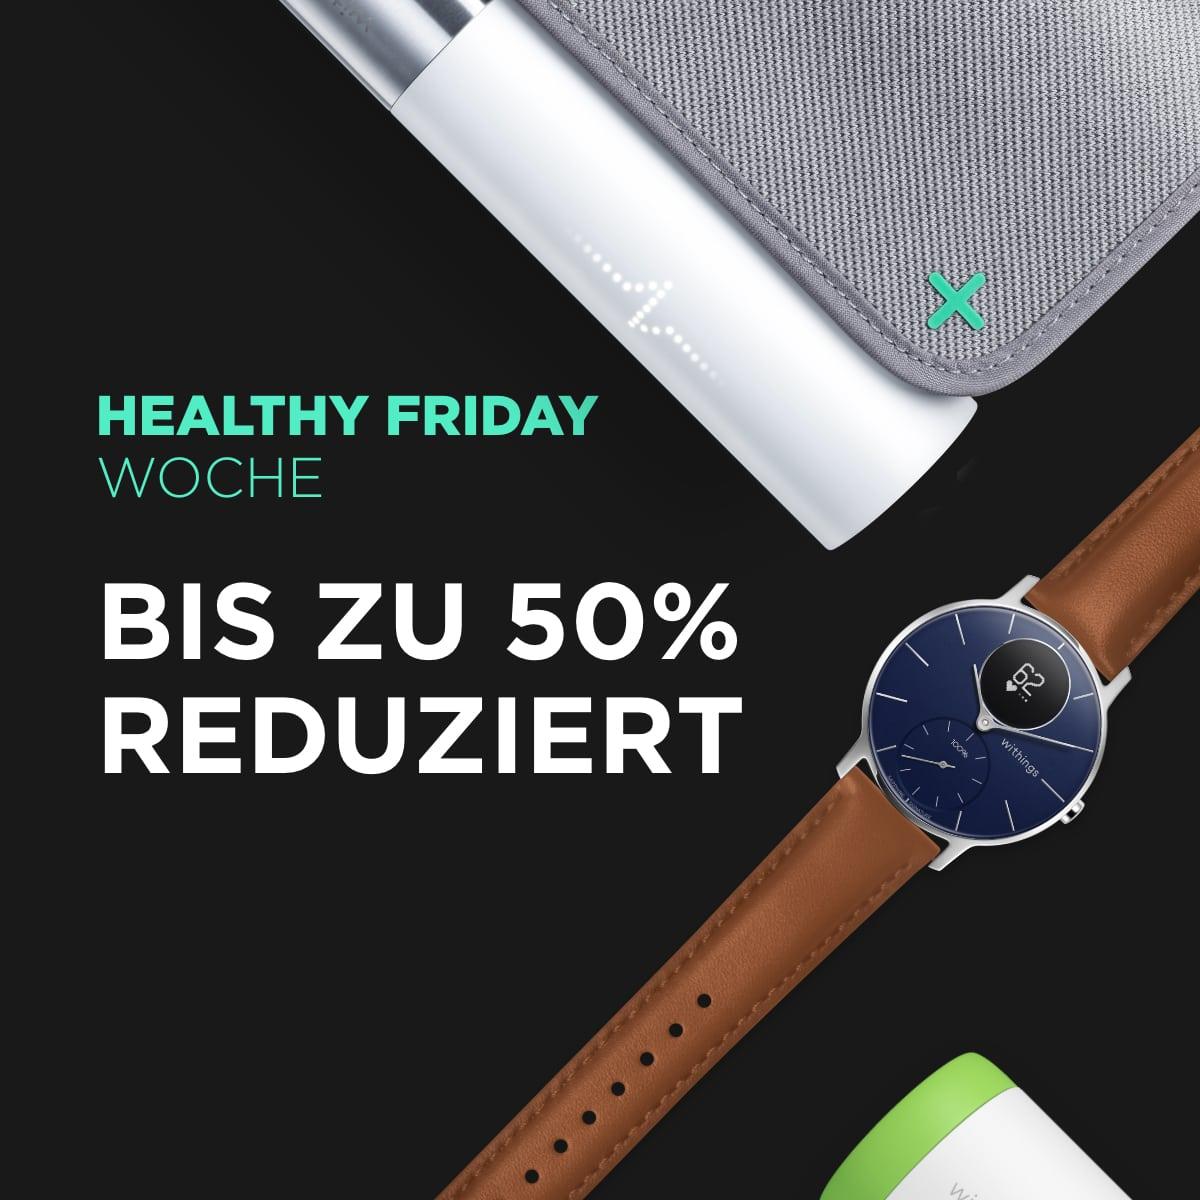 Withings - HEALTHY FRIDAY WOCHE 2019. 50% Rabatt und -100€ auf den Steel HR Sapphire Signature